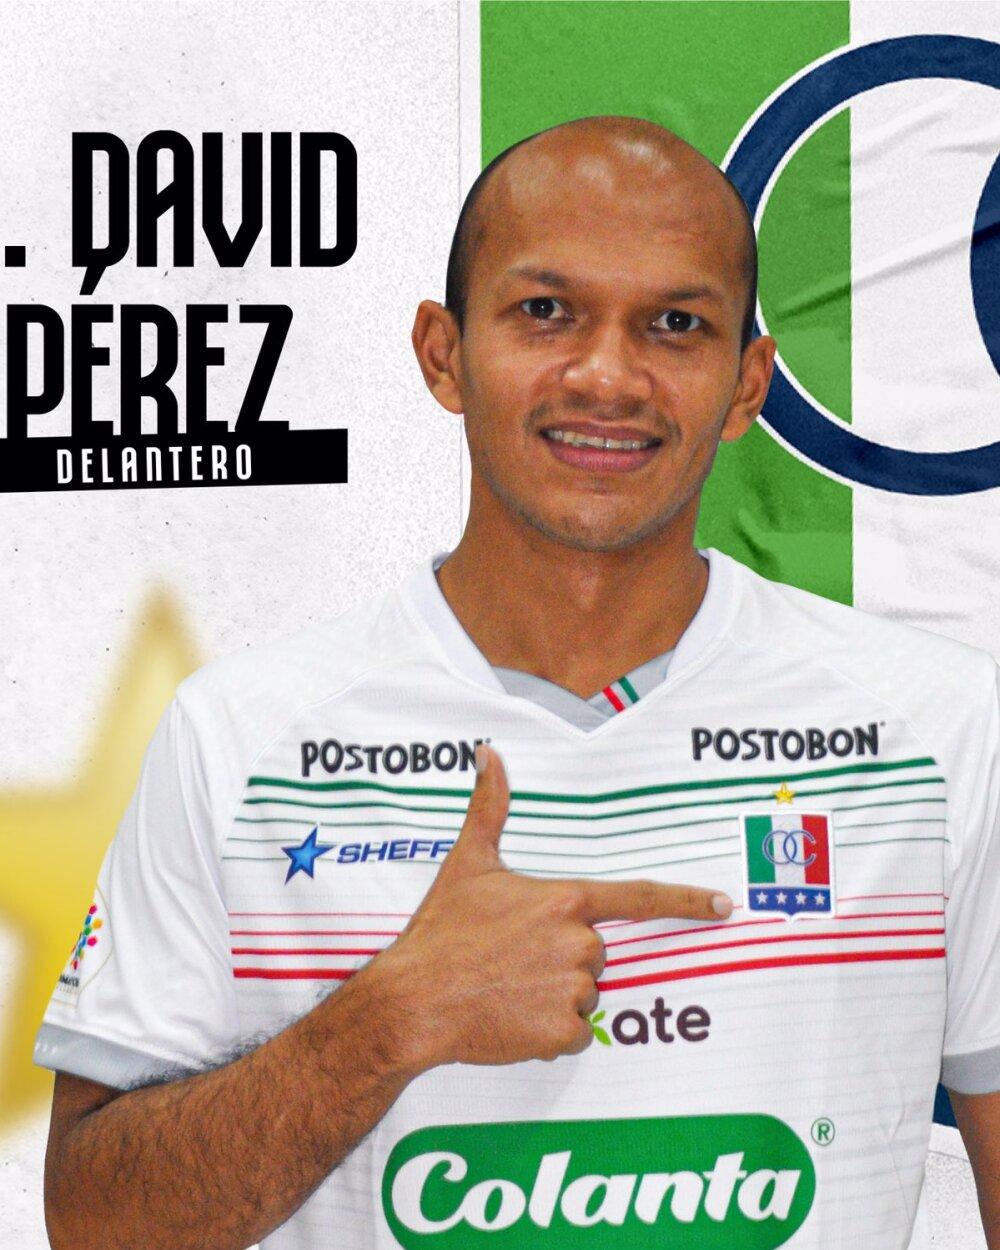 Juan-David-Pérez.jpg